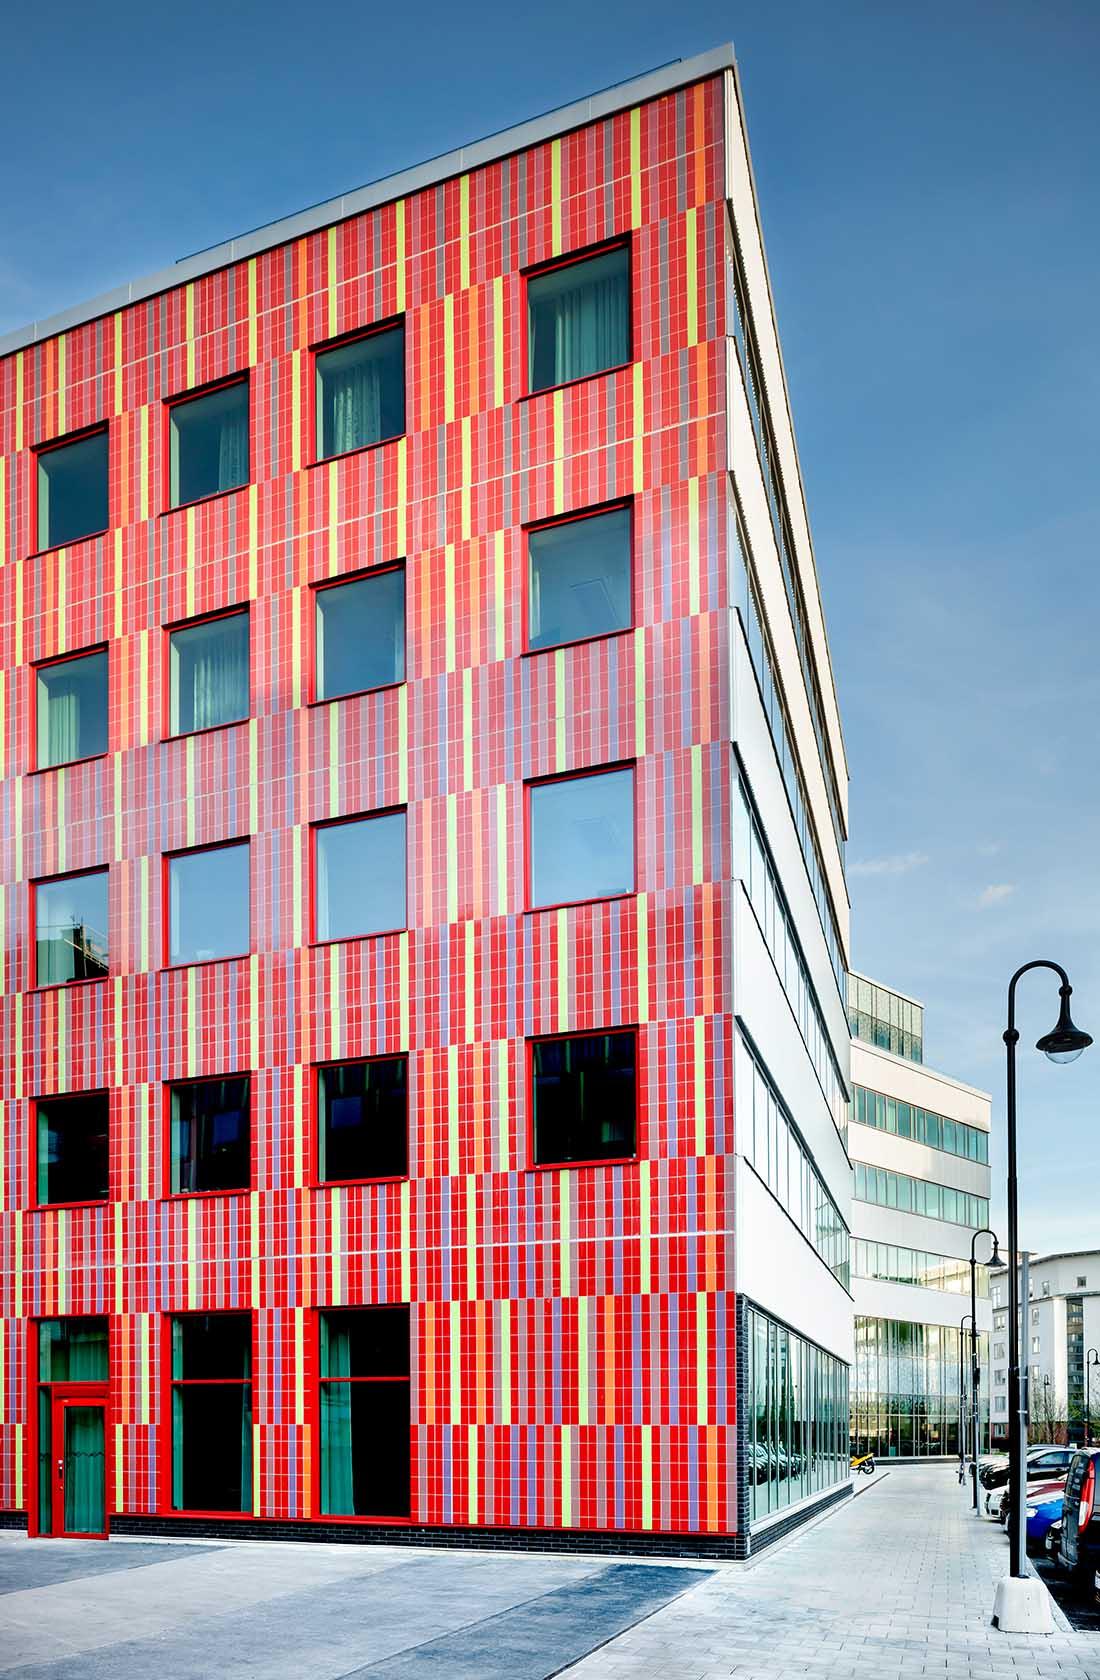 Färgglad fasad